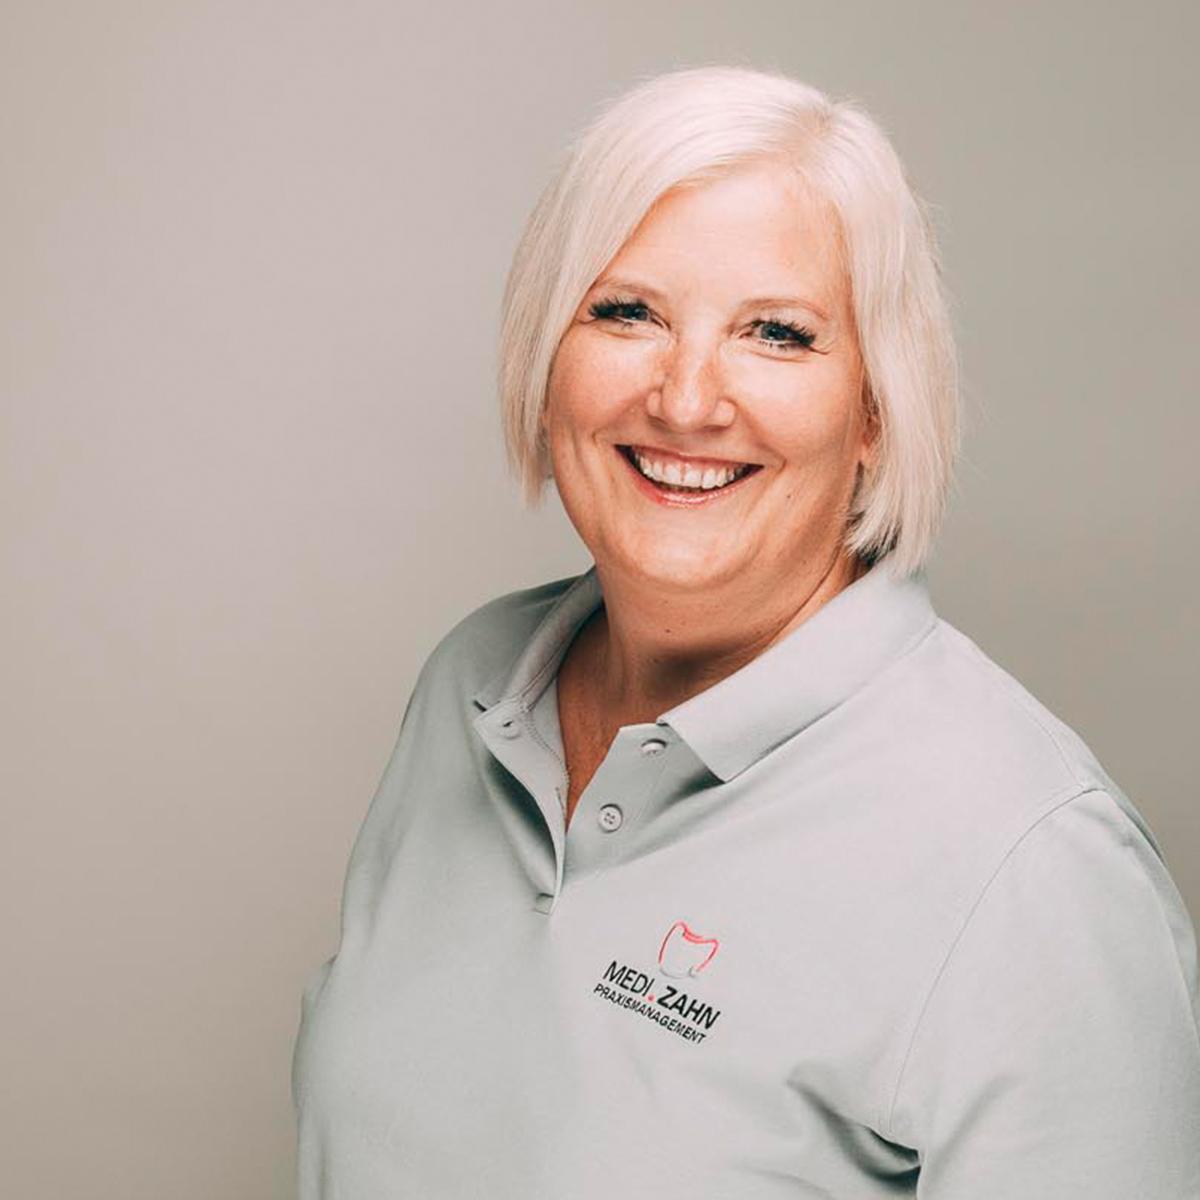 Melanie Diwisch führt Abrechnung und Praxismanagement für Ihre Zahnarztpraxis durch